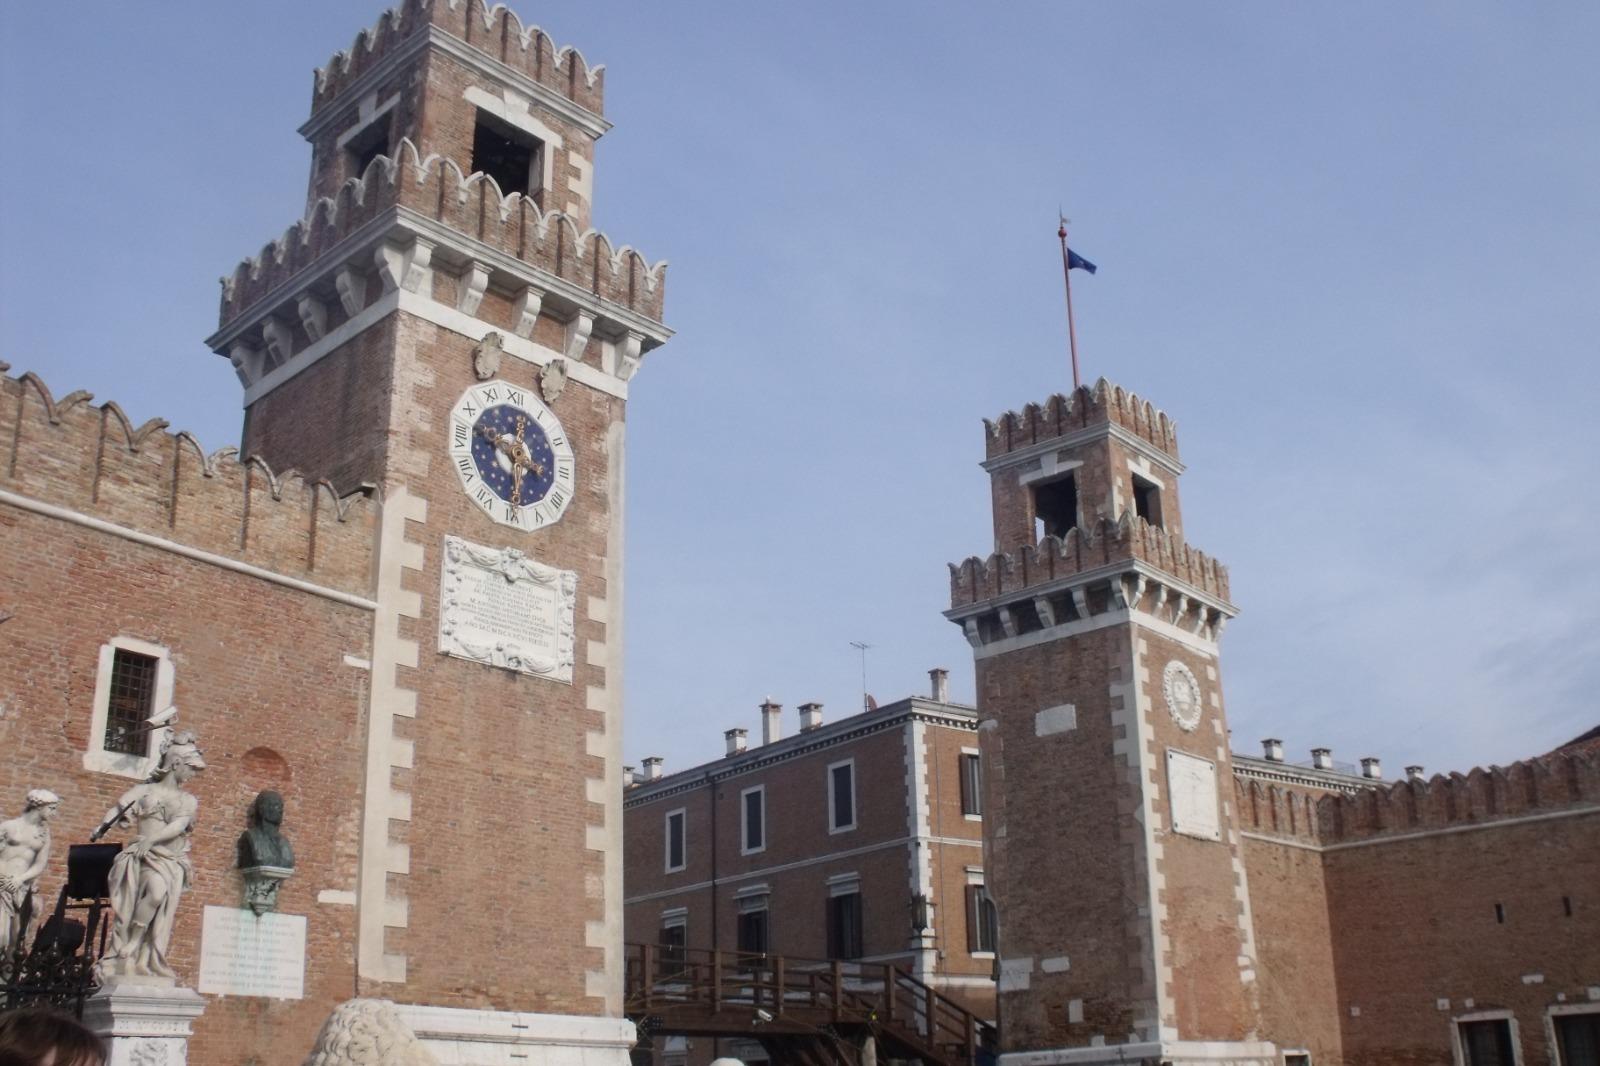 venezia6-1600183217.jpg